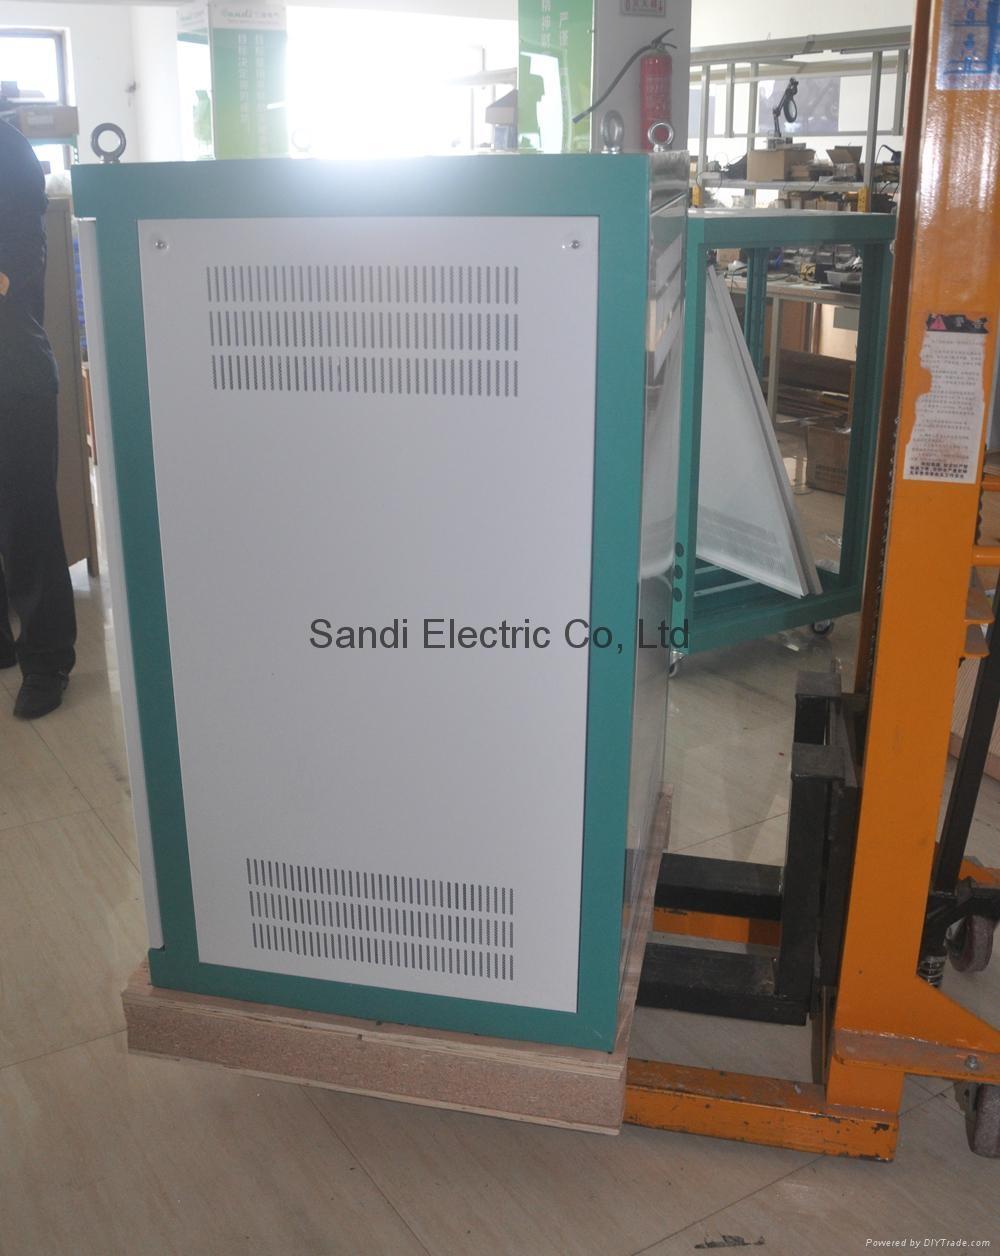 專業從事研製、生產、和銷售電力正弦波逆變器,通信正弦波逆變器,電力逆變器,通信逆變器